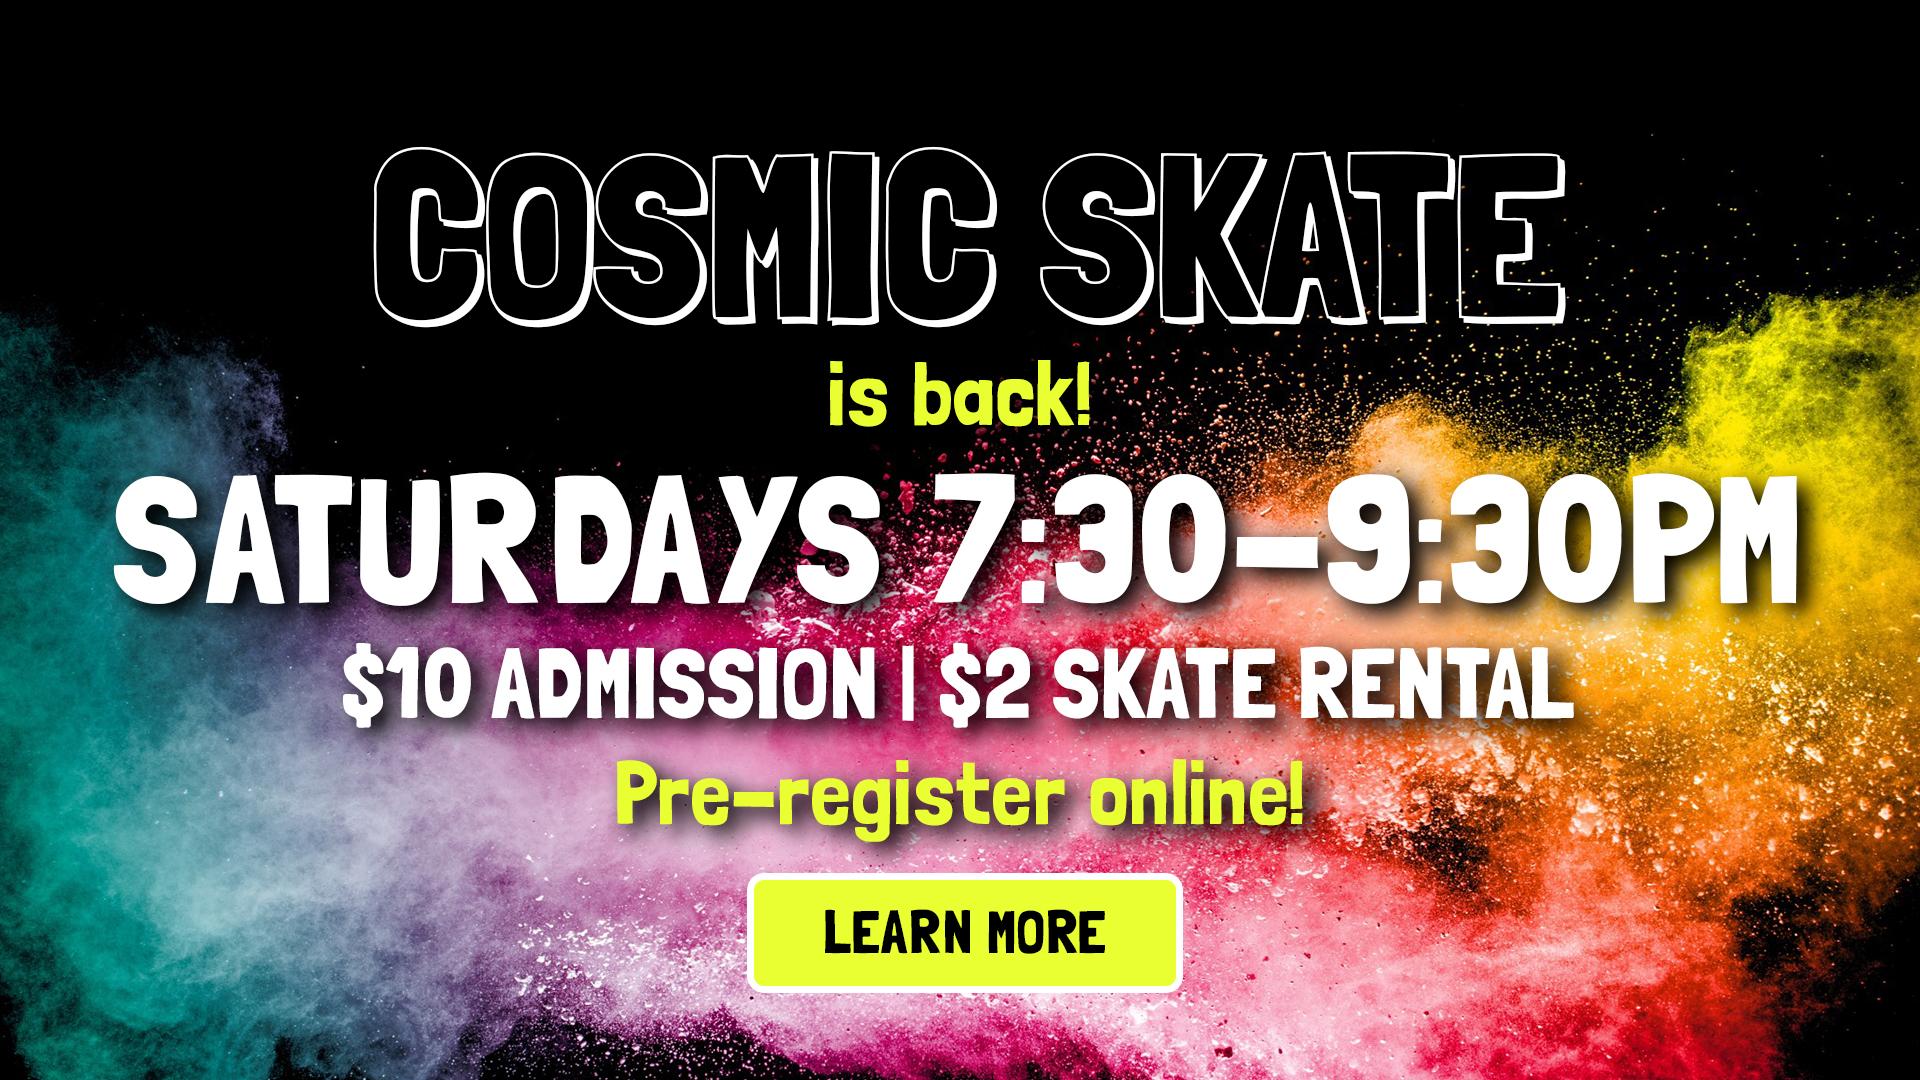 Cosmic Skate Header - preregister_new